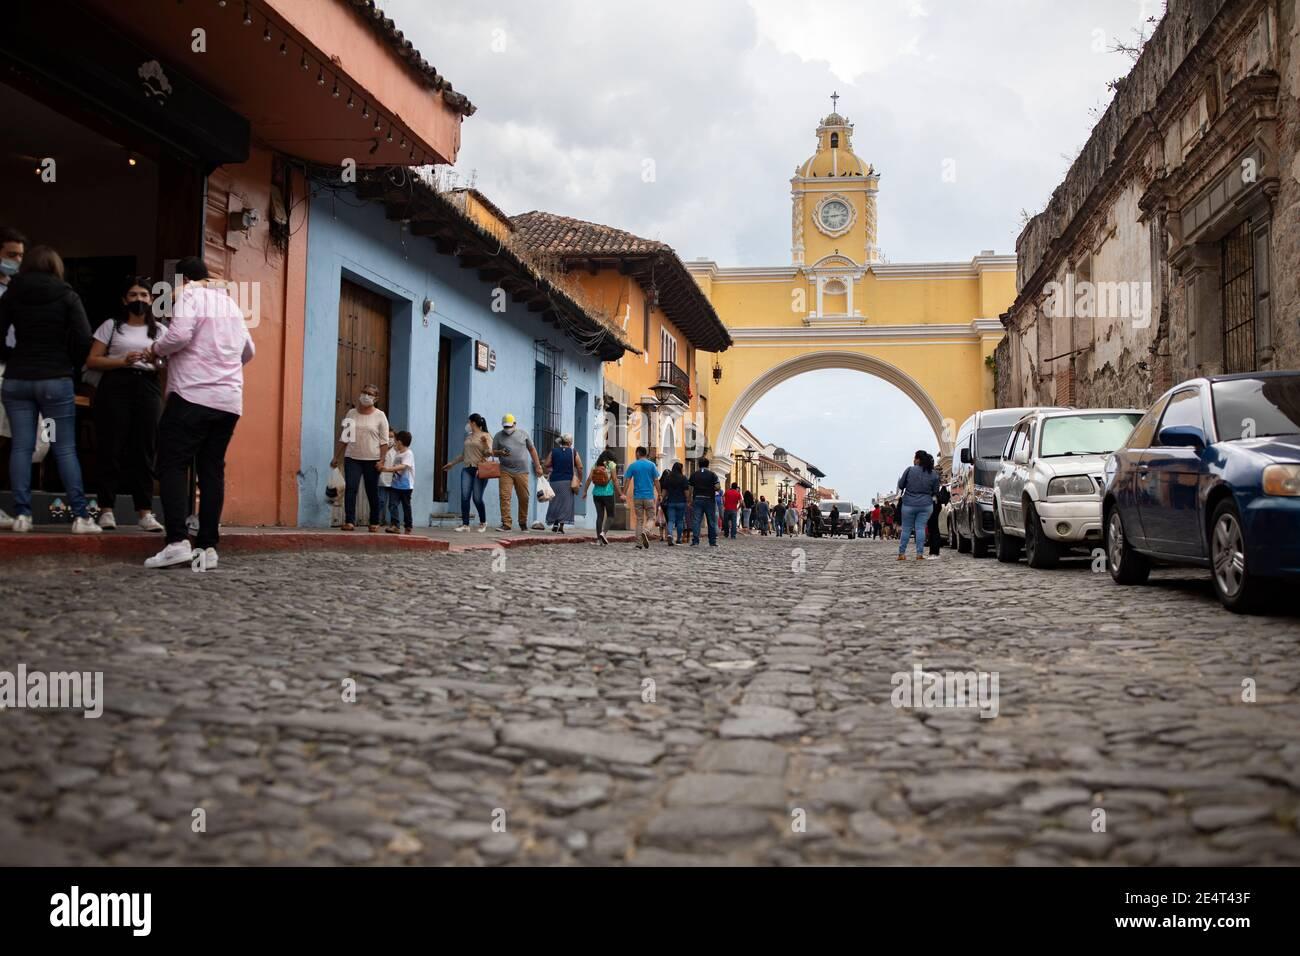 Santa Catalina Arch à Antigua, Guatemala, Amérique centrale Banque D'Images